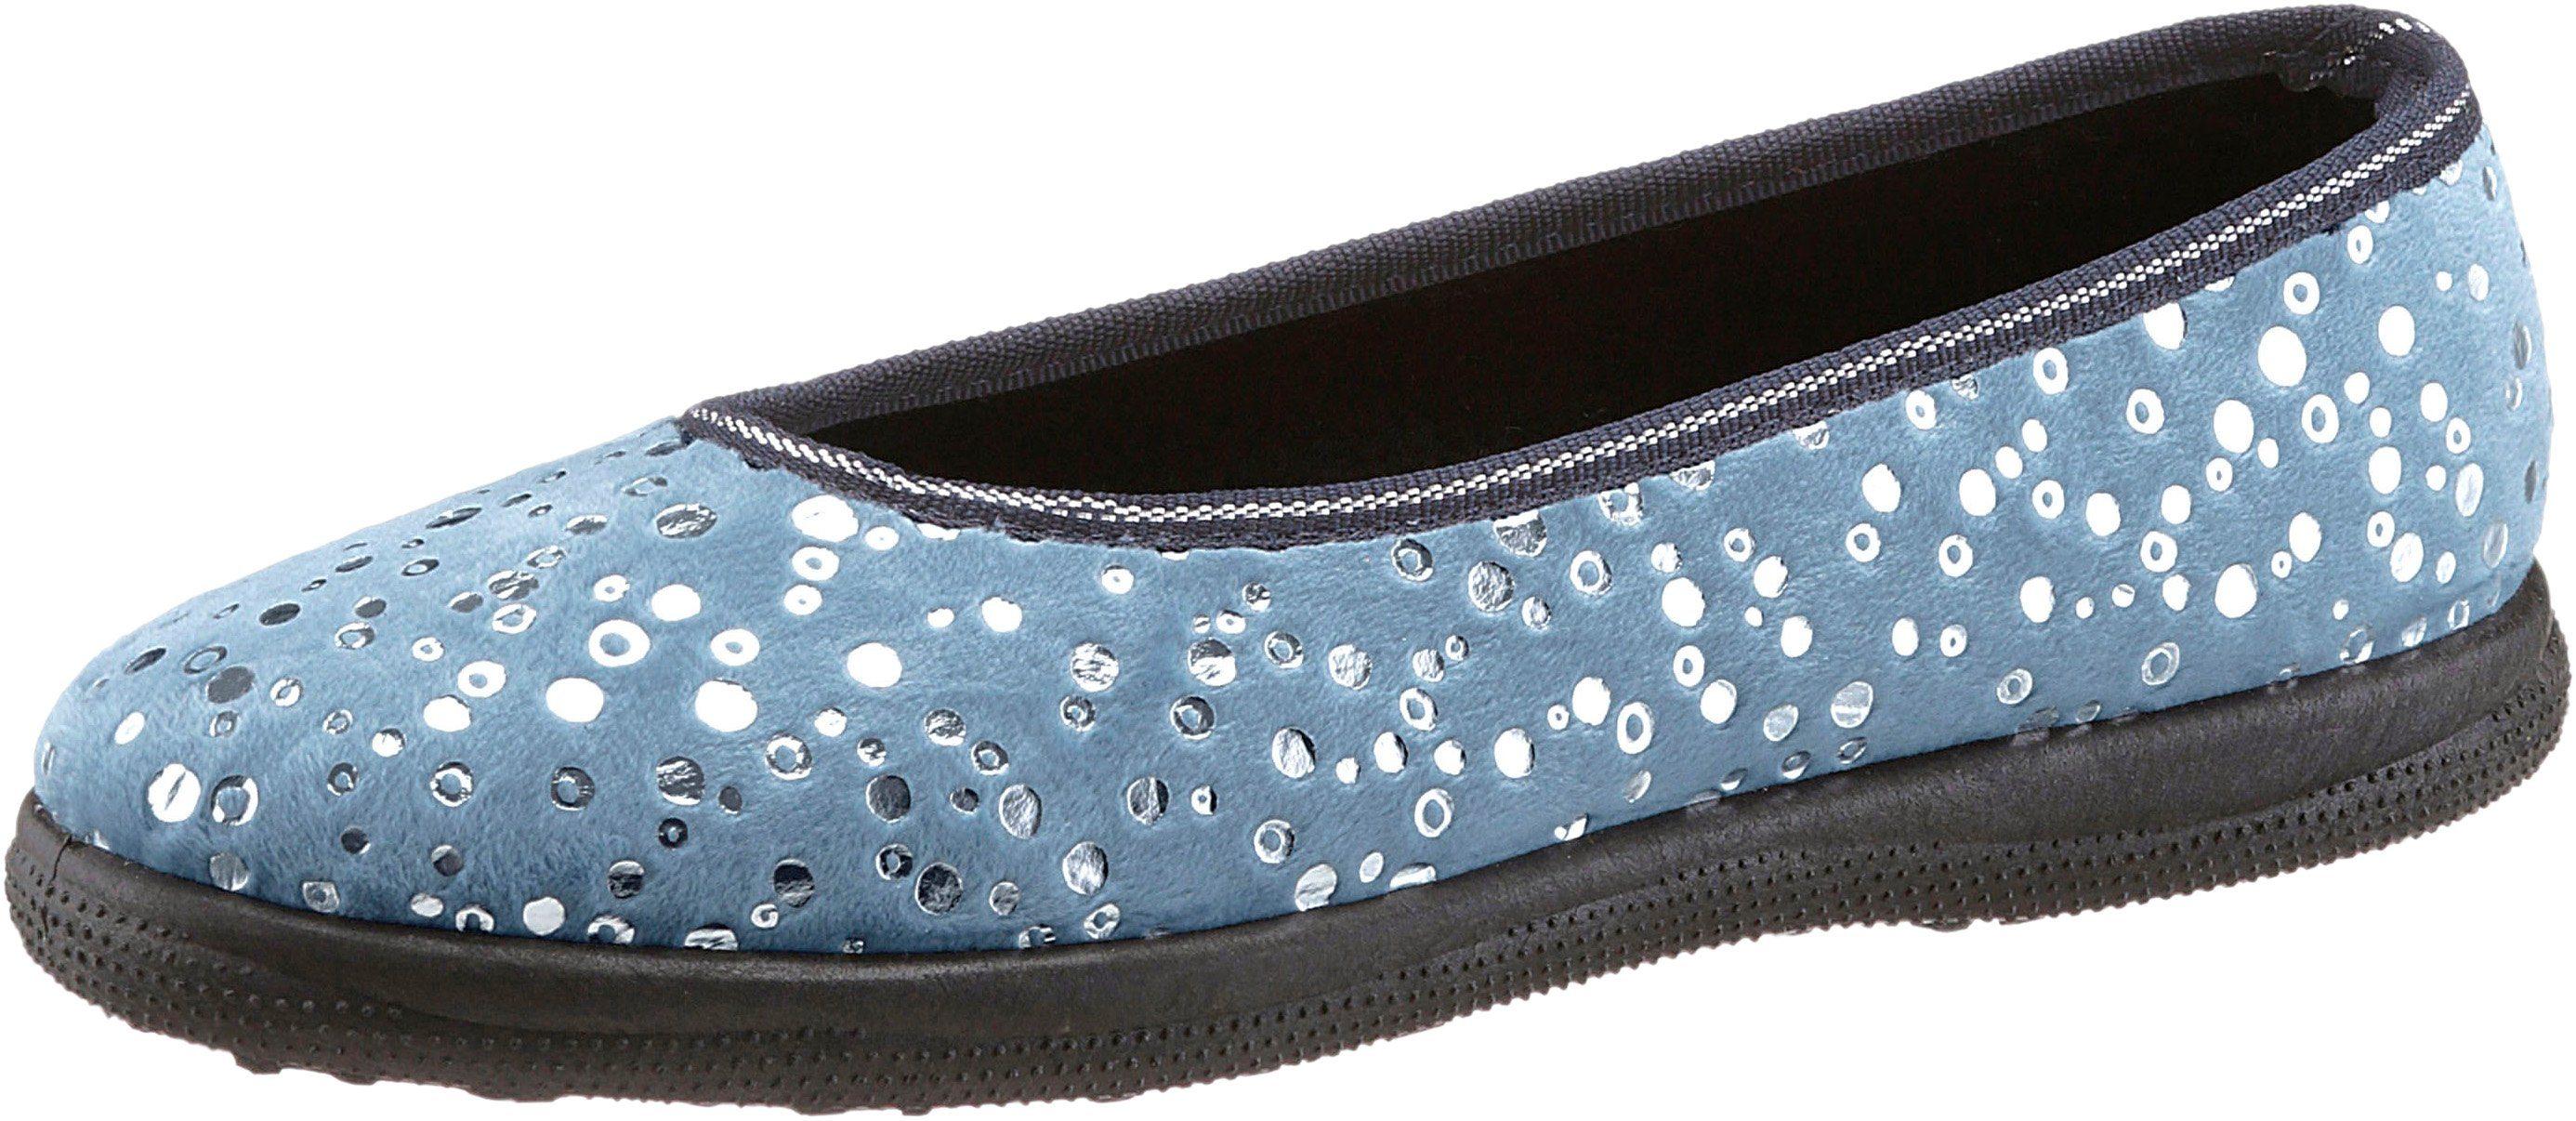 Hausschuh mit rutschhemmender Synthetik-Laufsohle  blau